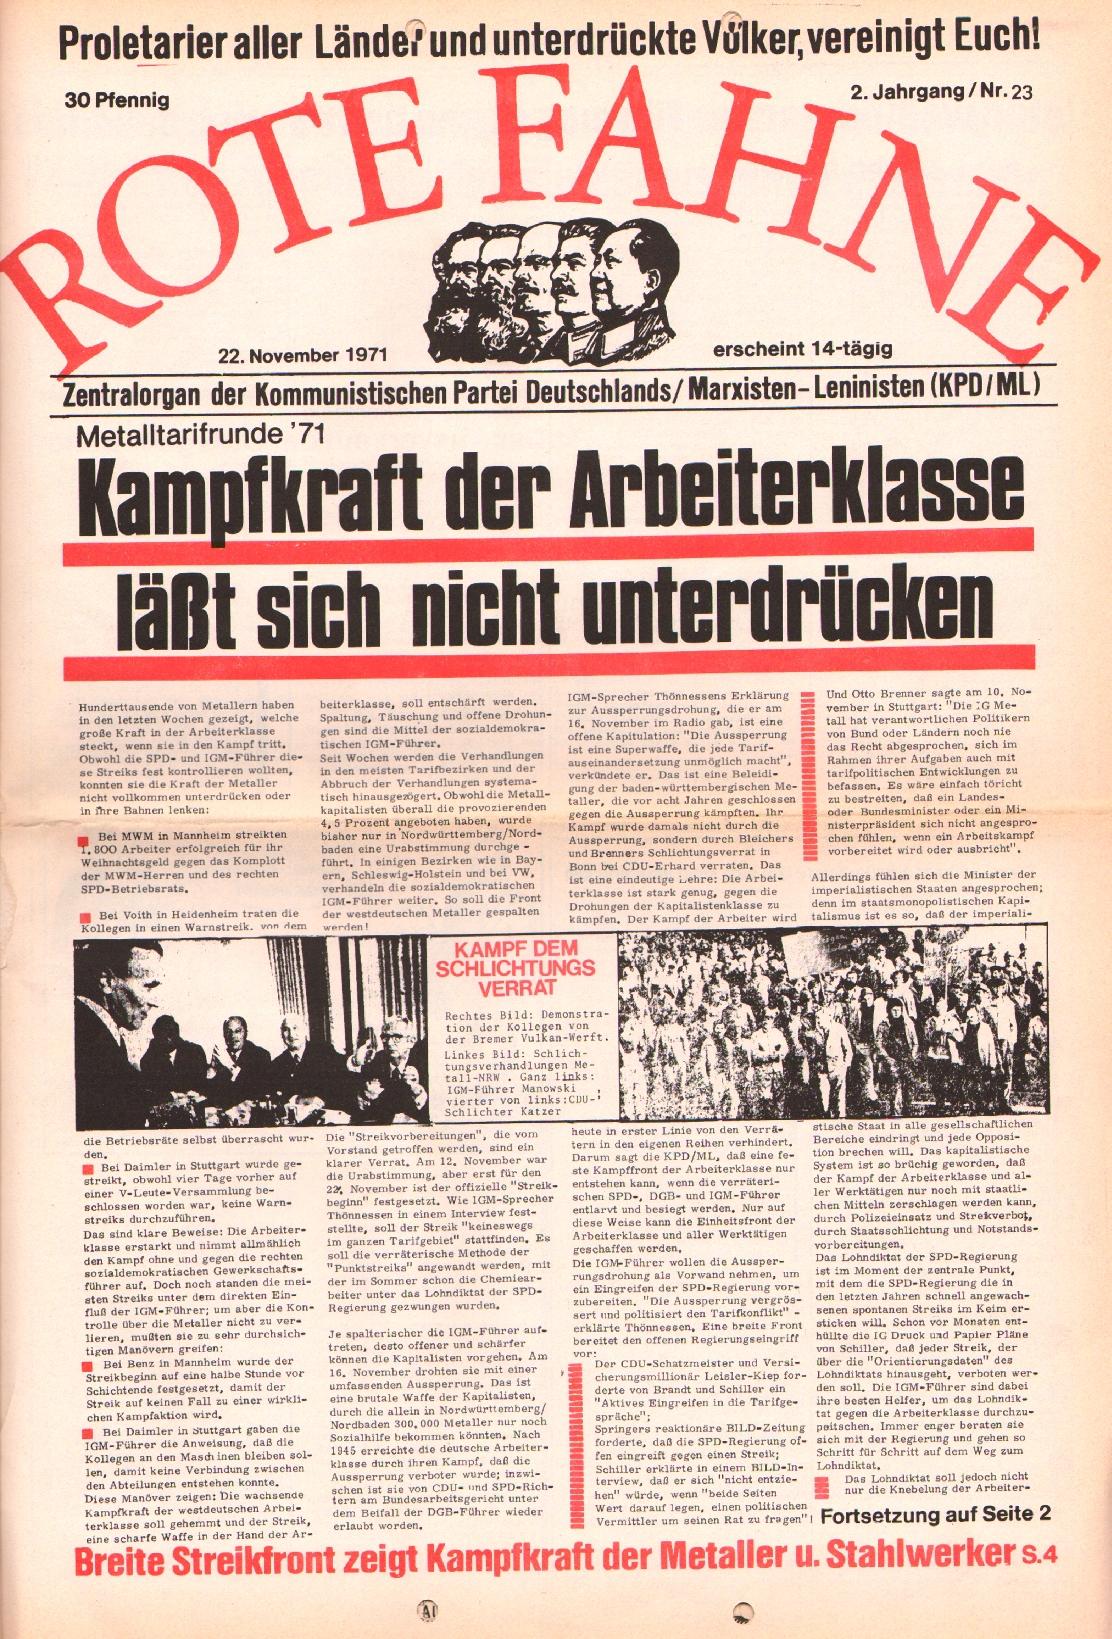 Rote Fahne, 2. Jg., 22.11.1971, Nr. 23, Seite 1